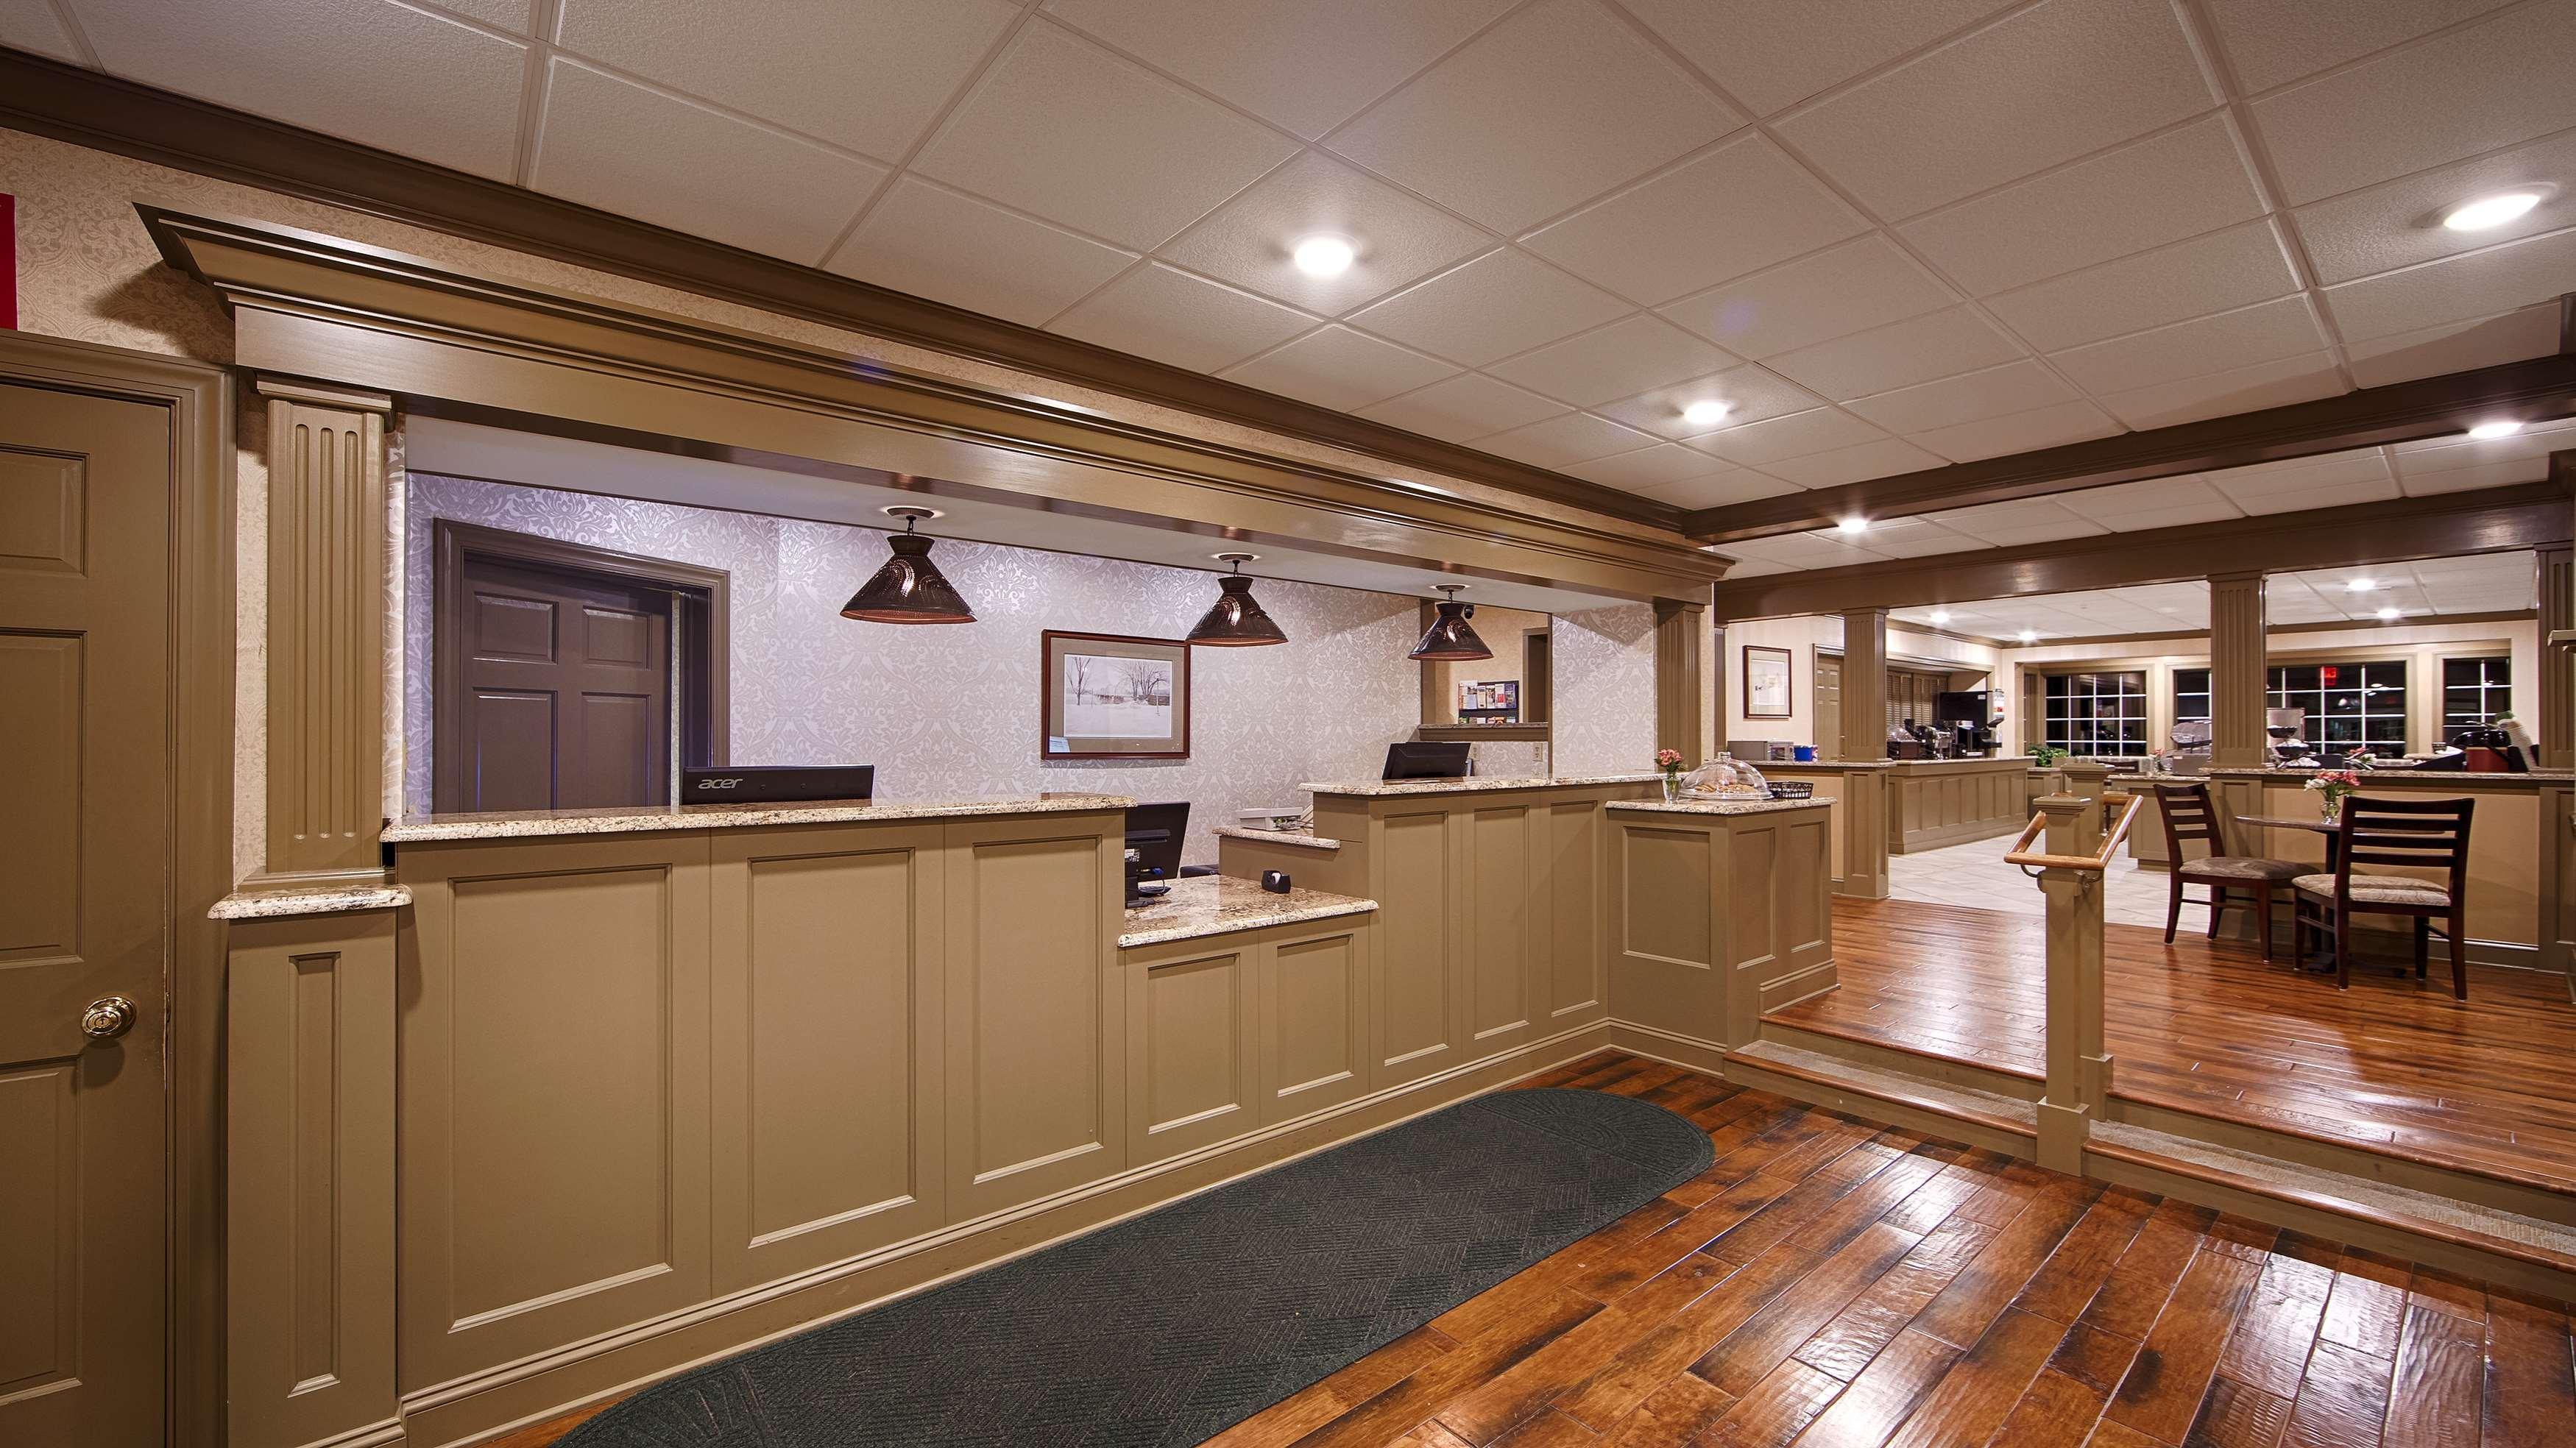 Best Western Plus Country Cupboard Inn image 2